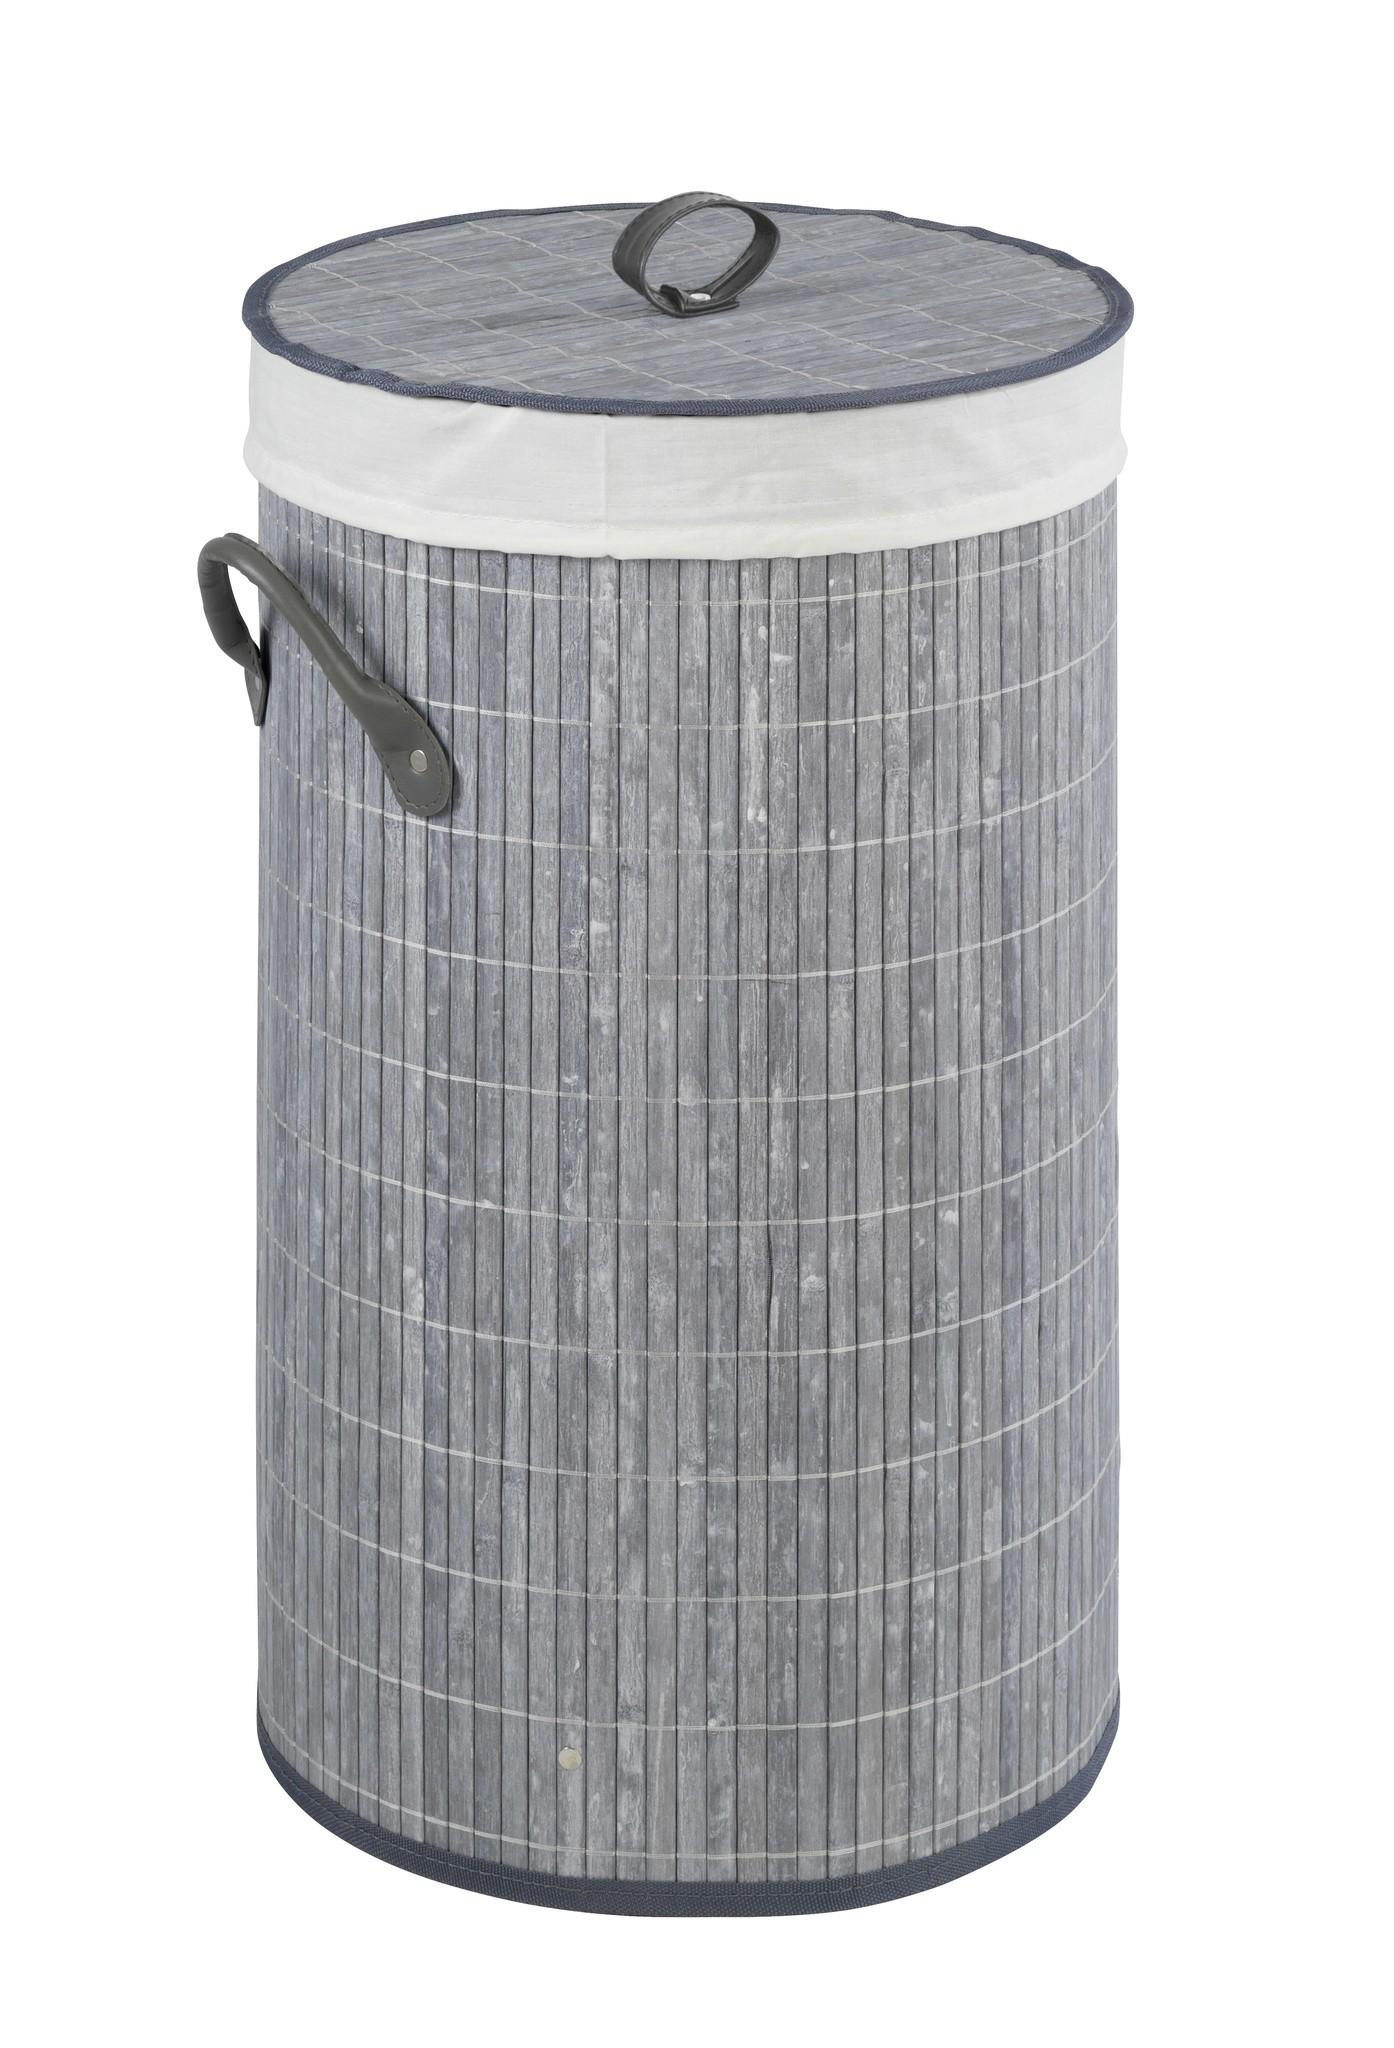 Wäschetruhe Bamboo Grau, Wäschekorb, 55 l